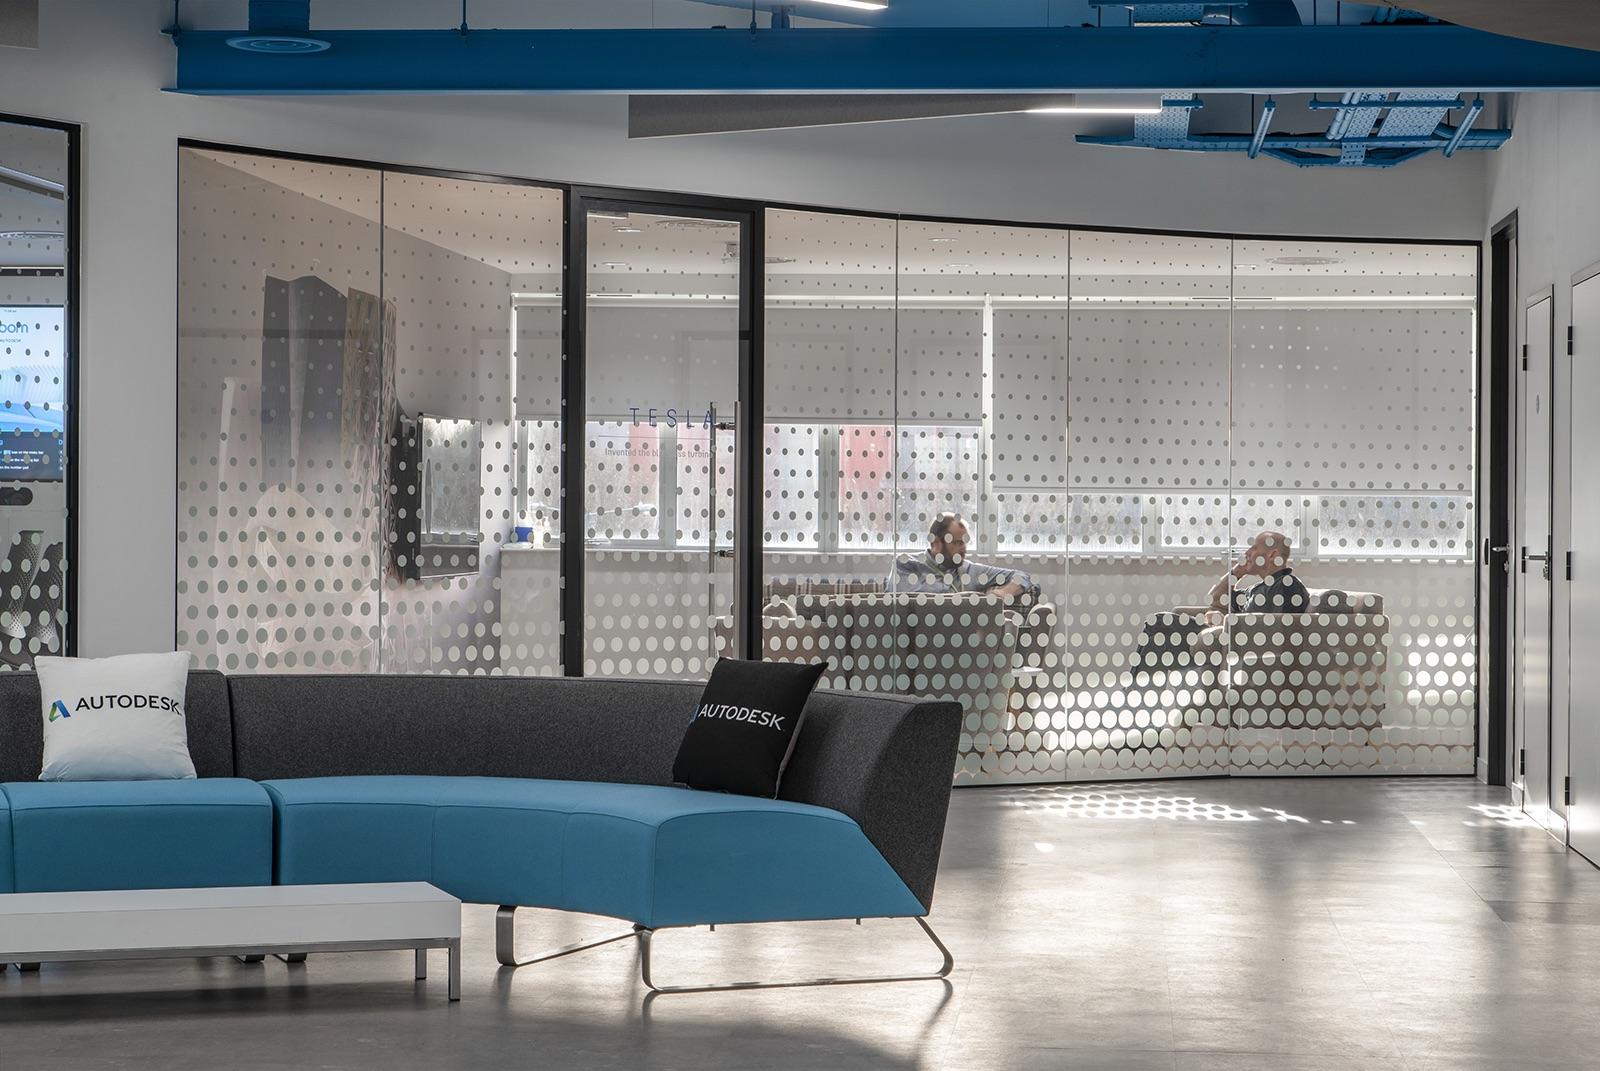 autodesk-london-office-1